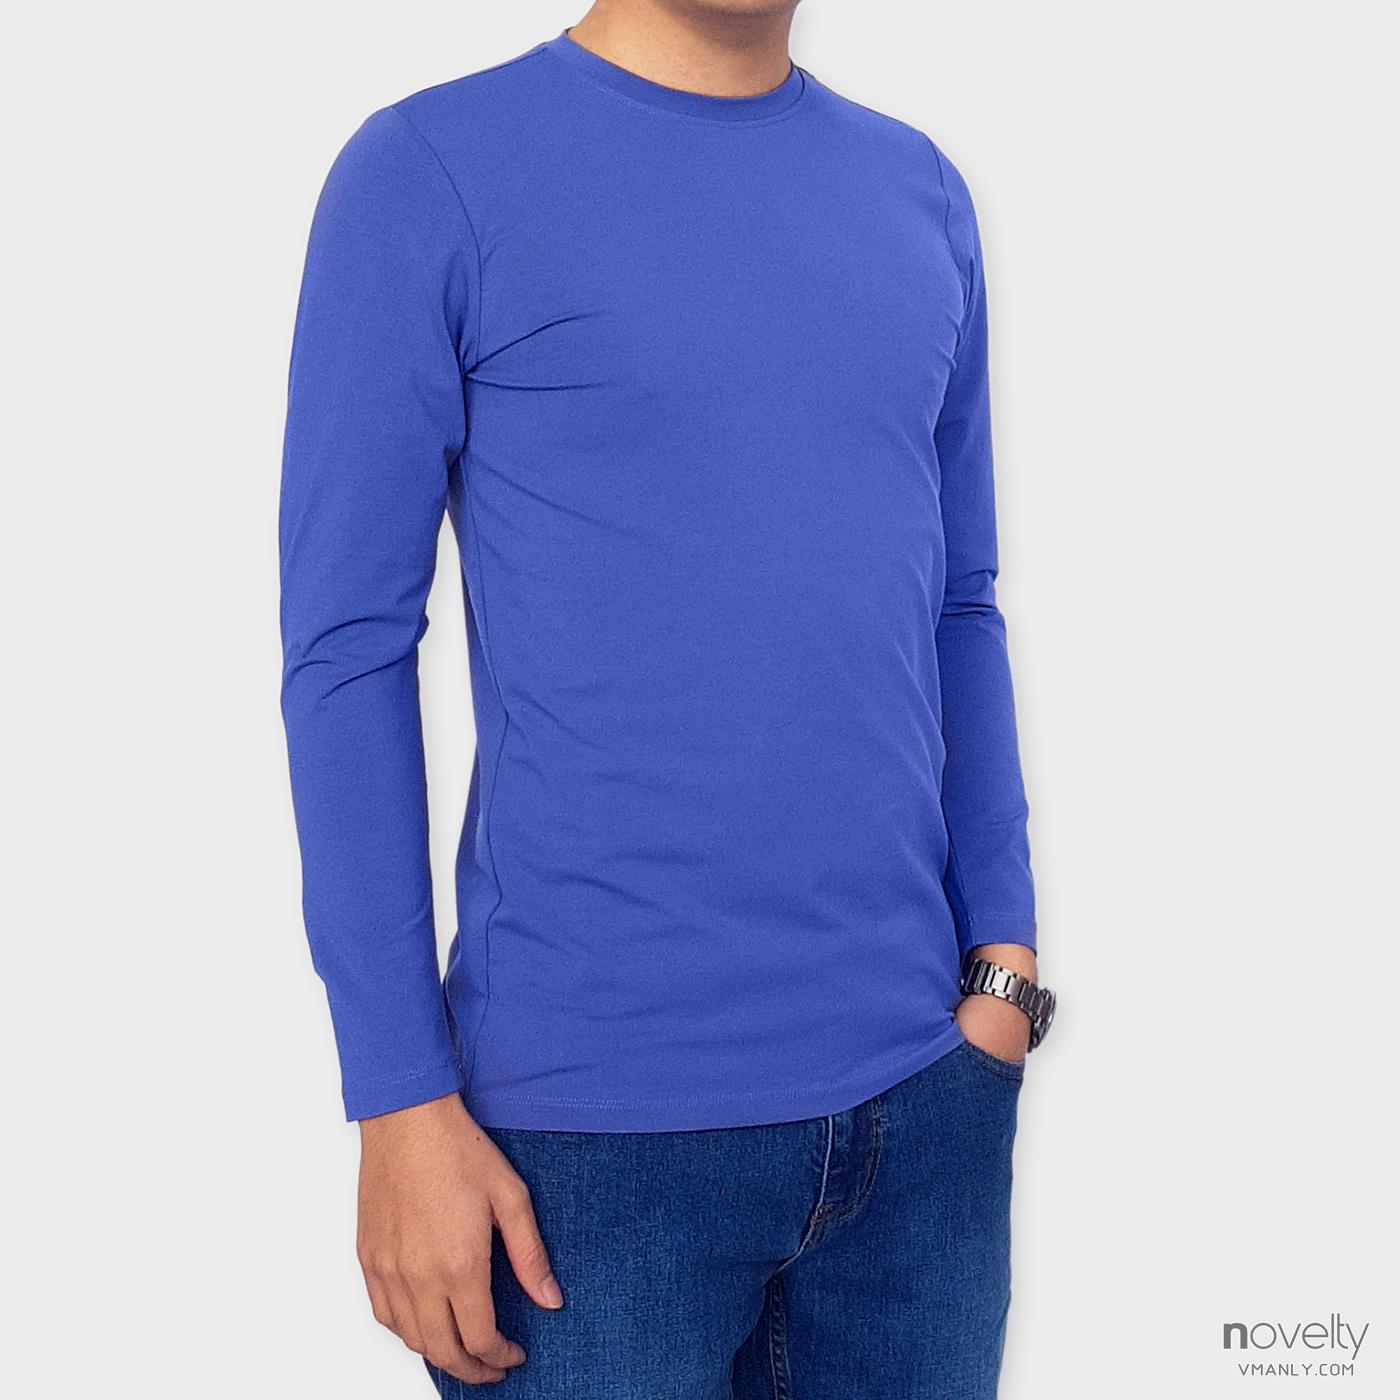 Áo thun dài tay - áo giữ nhiệt Novelty cổ tròn màu xanh blue 190766D